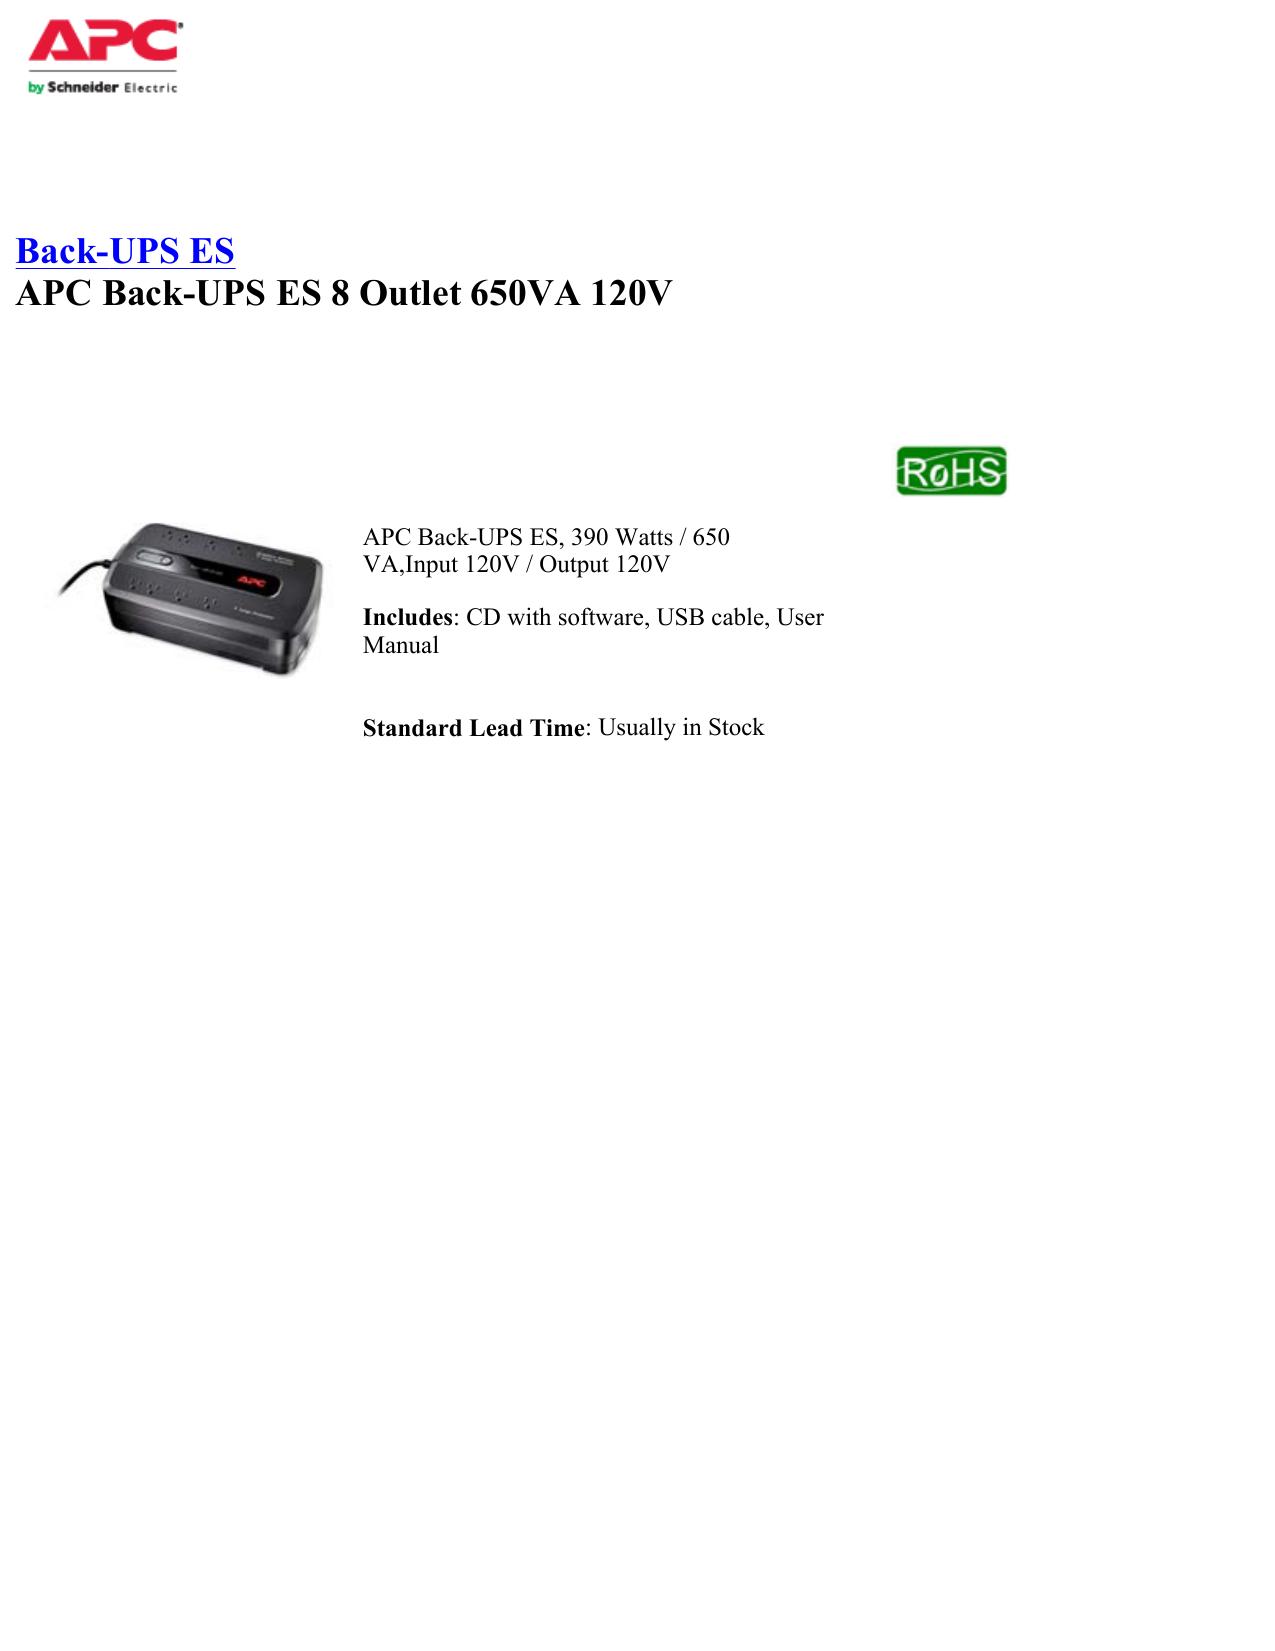 Back-UPS ES APC Back-UPS ES 8 Outlet 650VA 120V | manualzz com